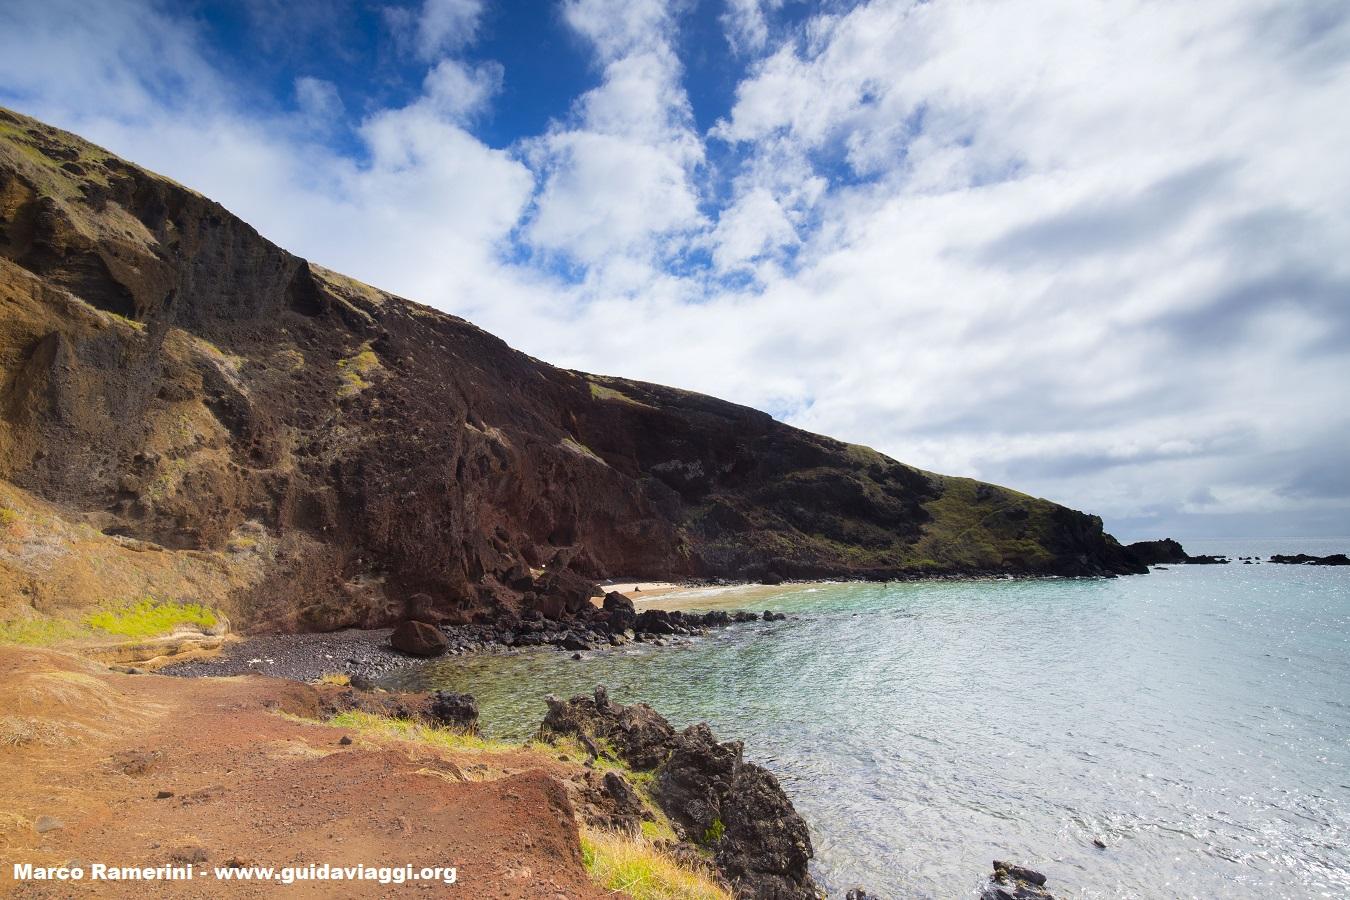 Ovahe, Île de Pâques, Chili. Auteur et Copyright Marco Ramerini